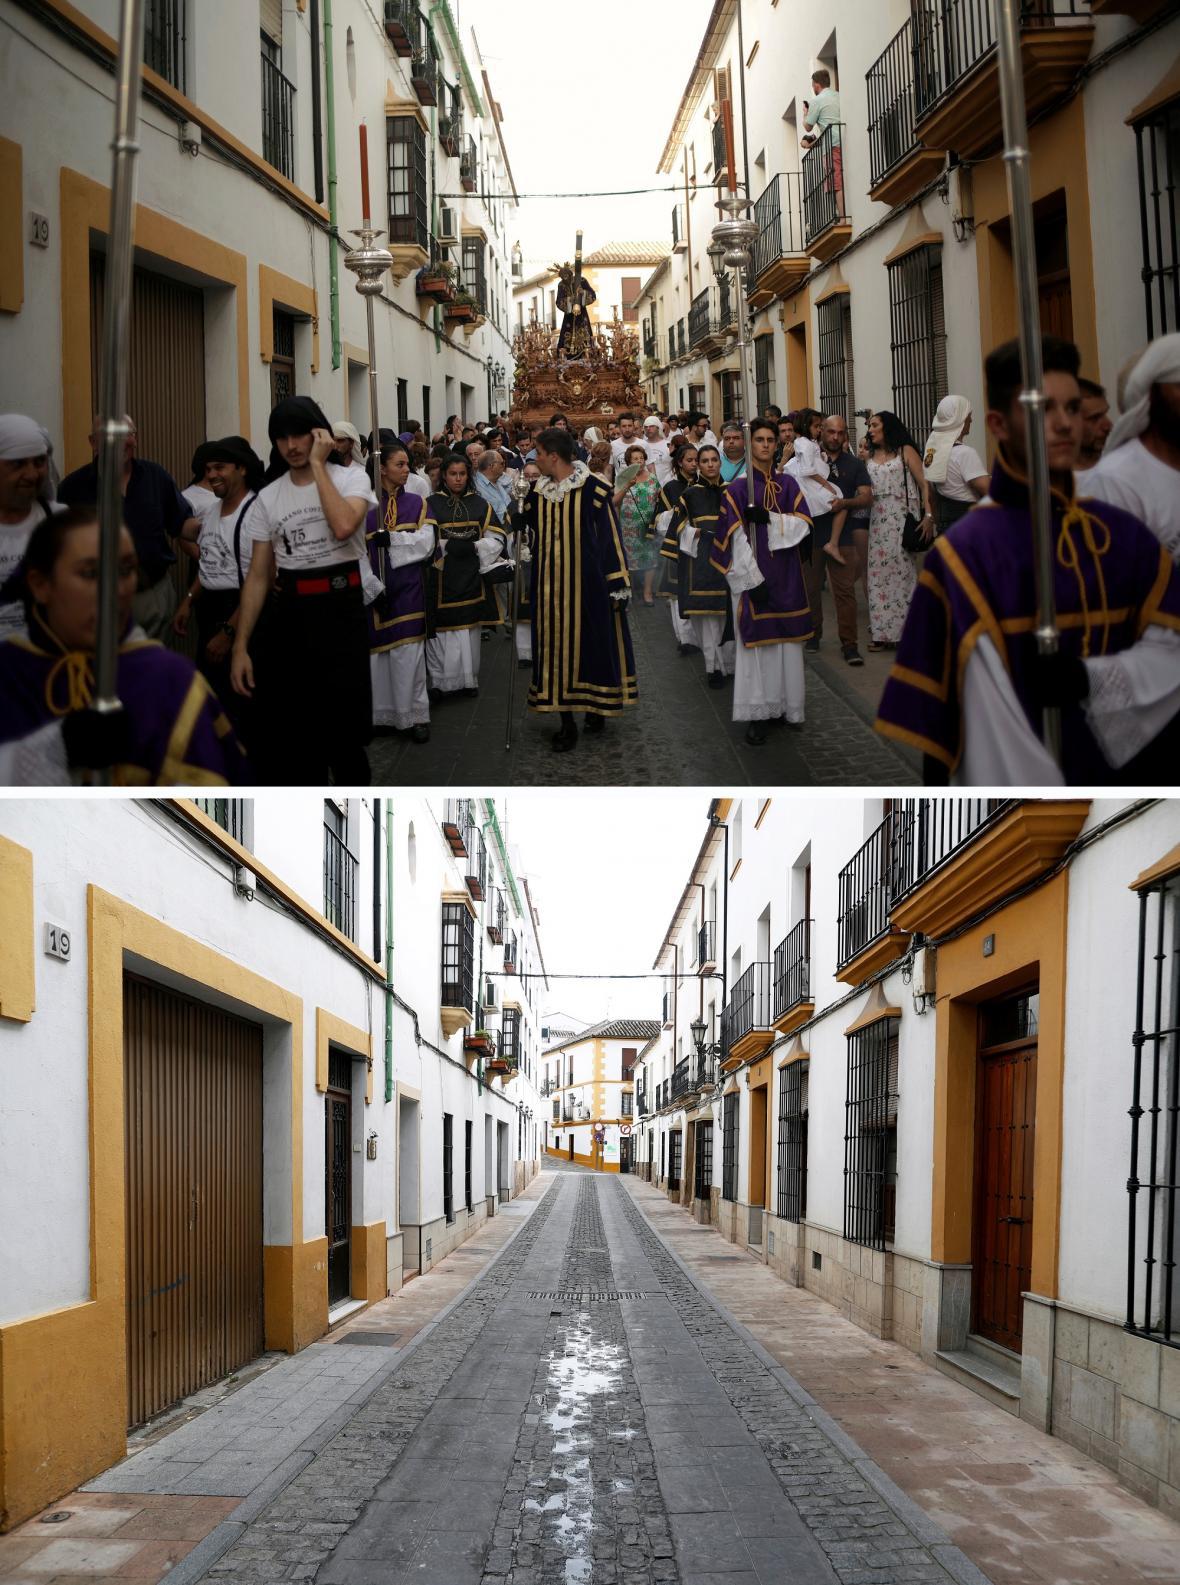 Sváteční průvody ve Španělsku jsou nyní zakázané